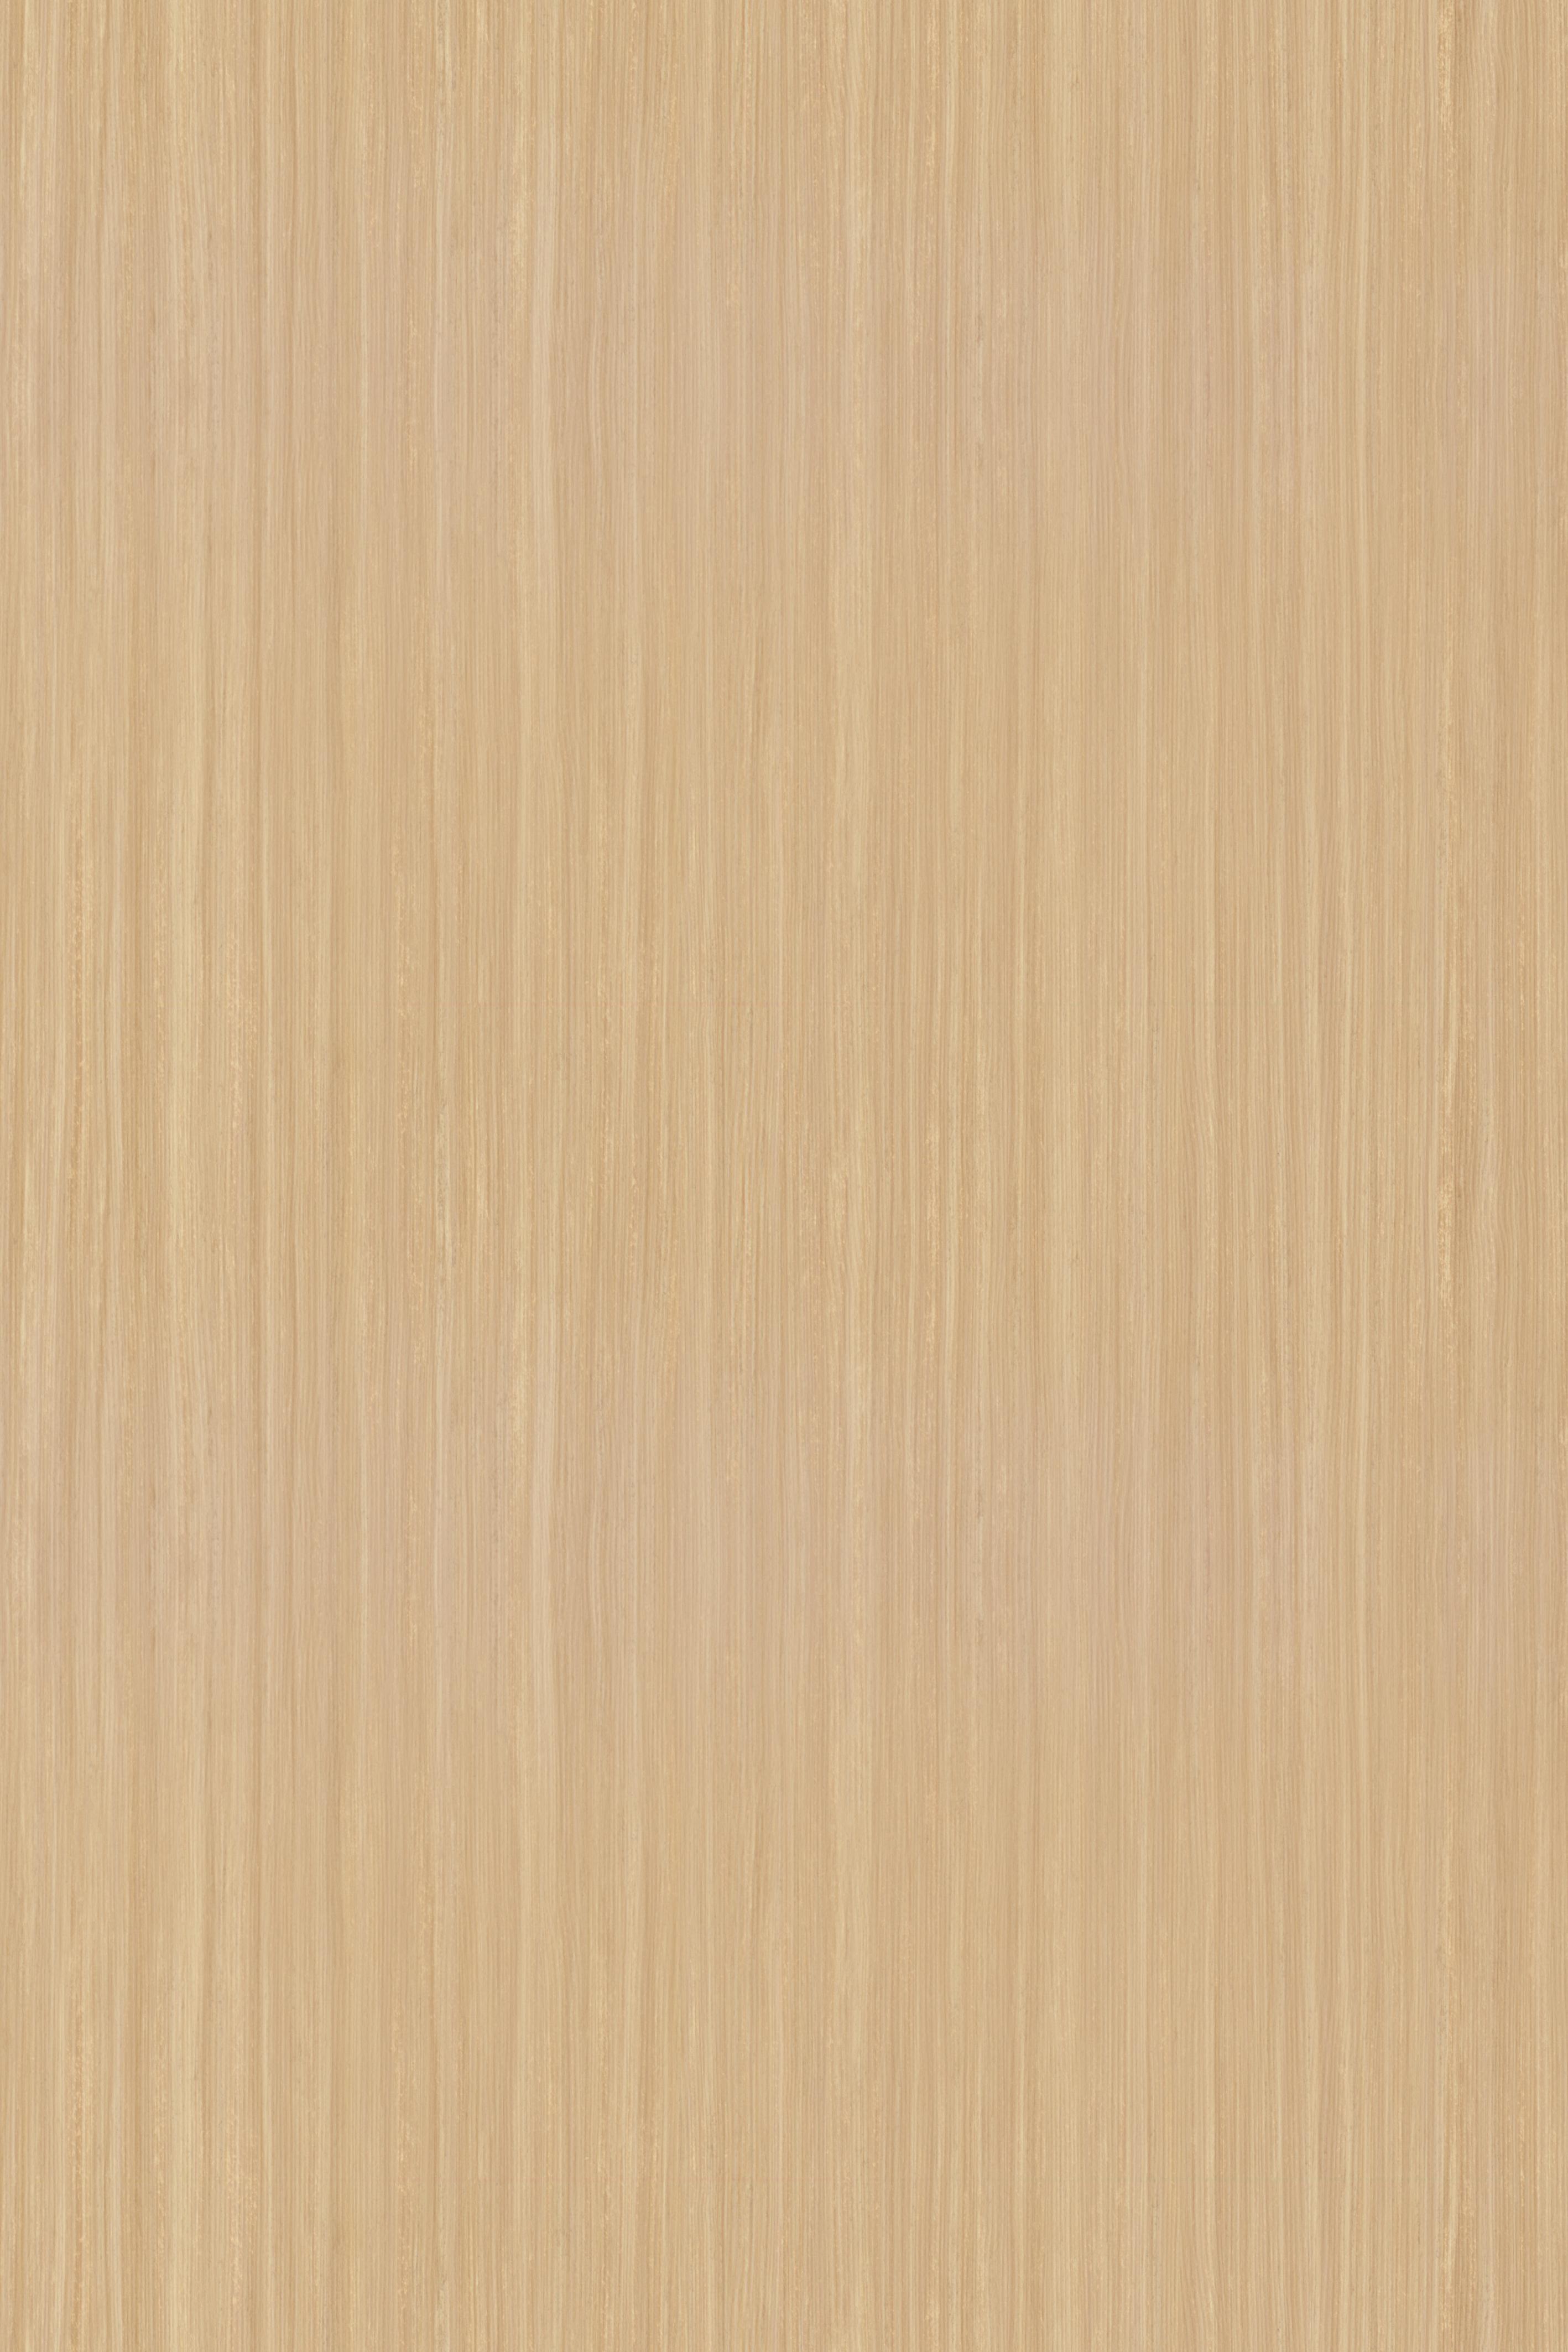 Wood Look Linoleum Flooring